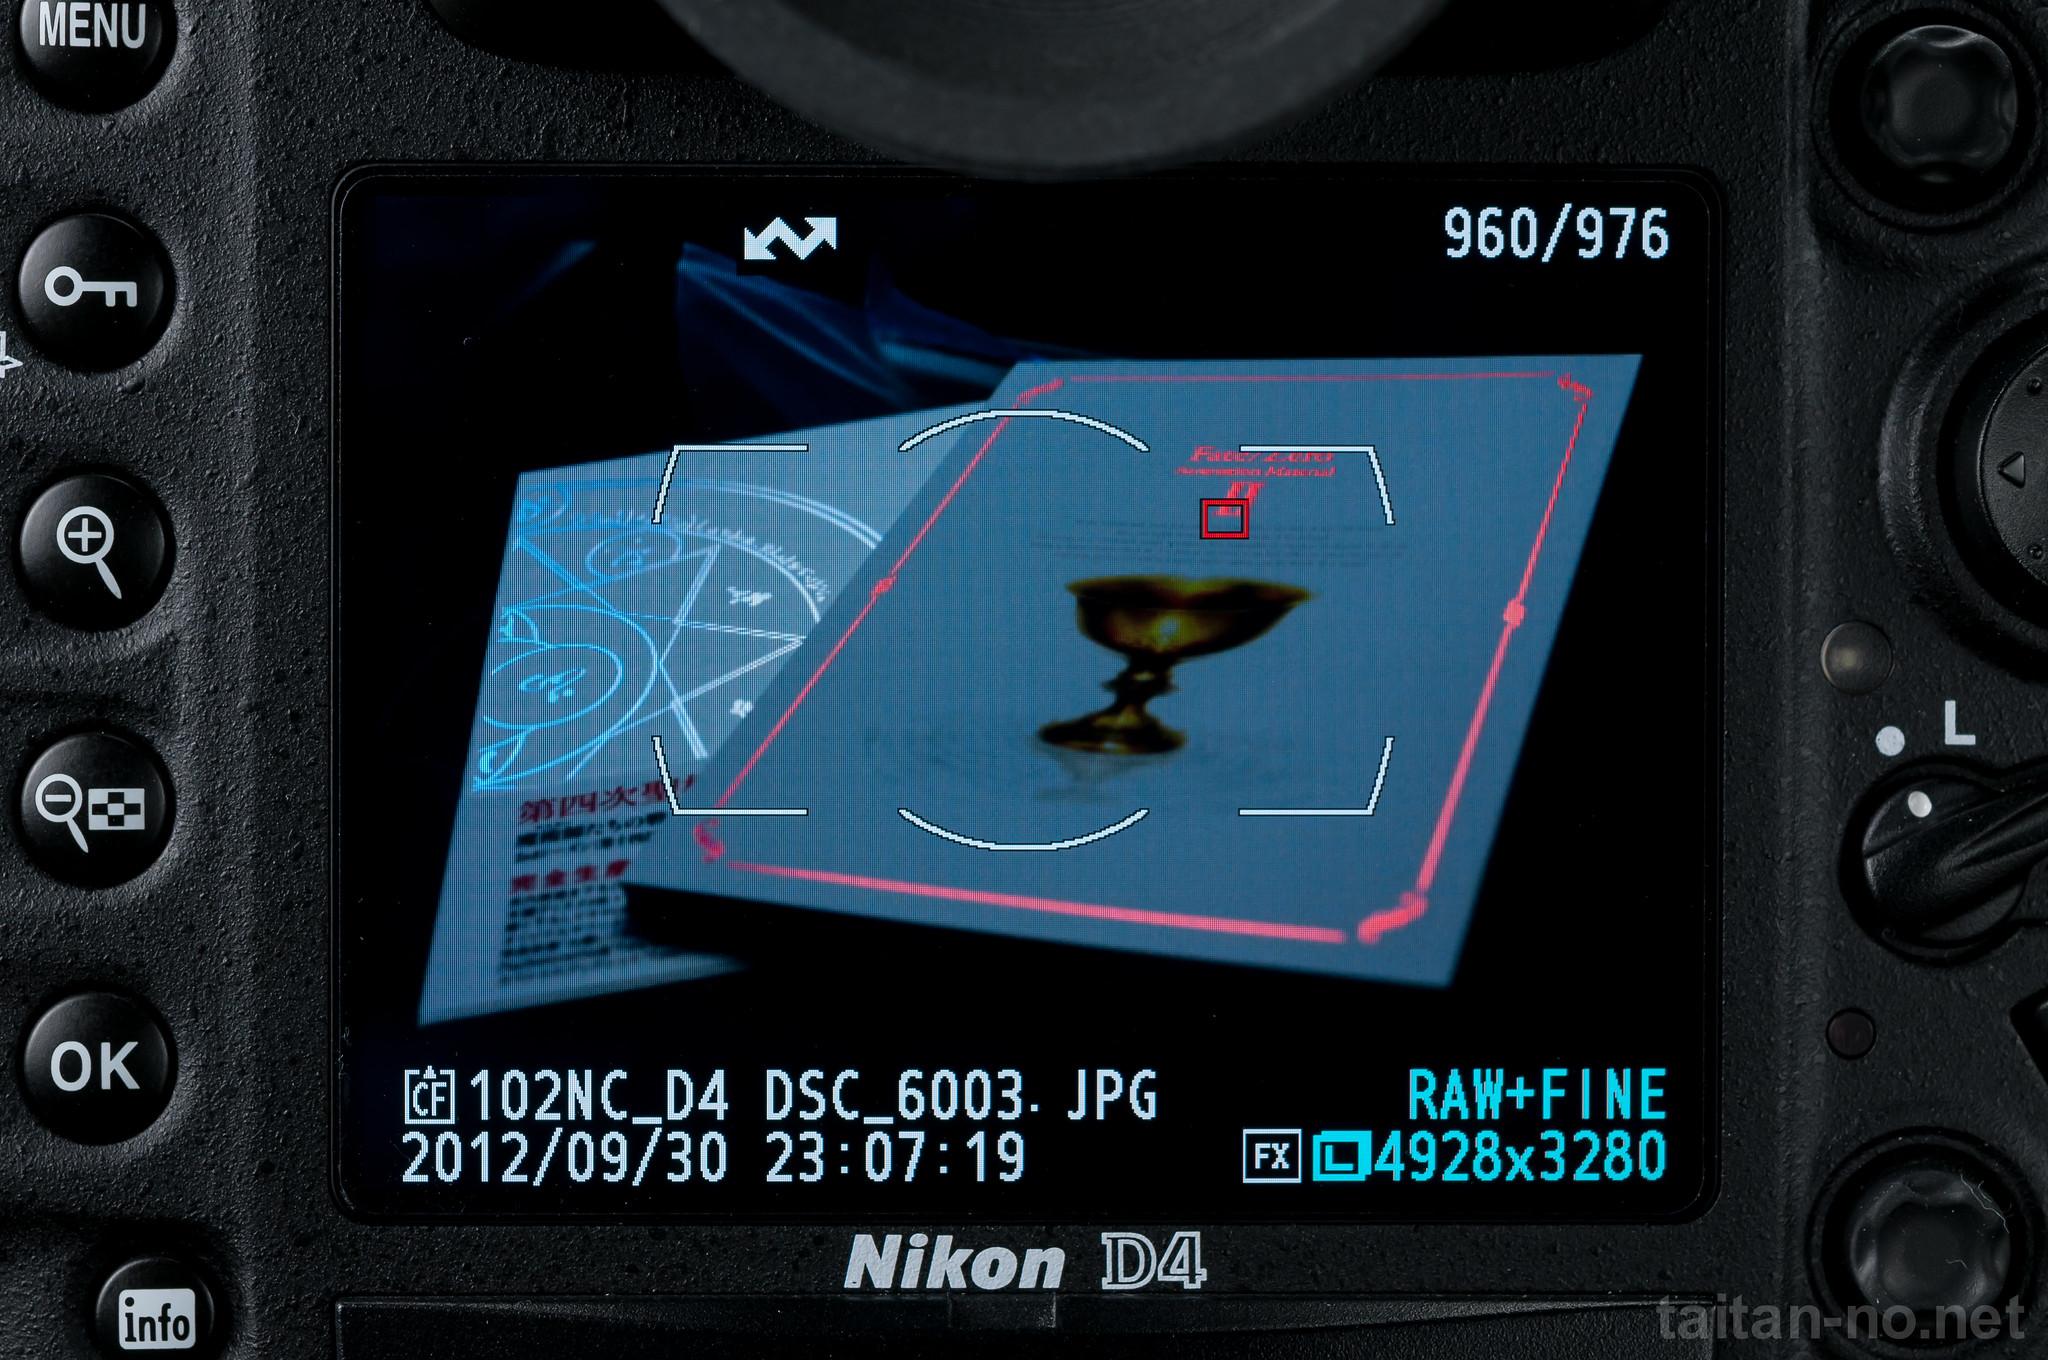 nikon wt-5 wireless transmitter manual treadmill